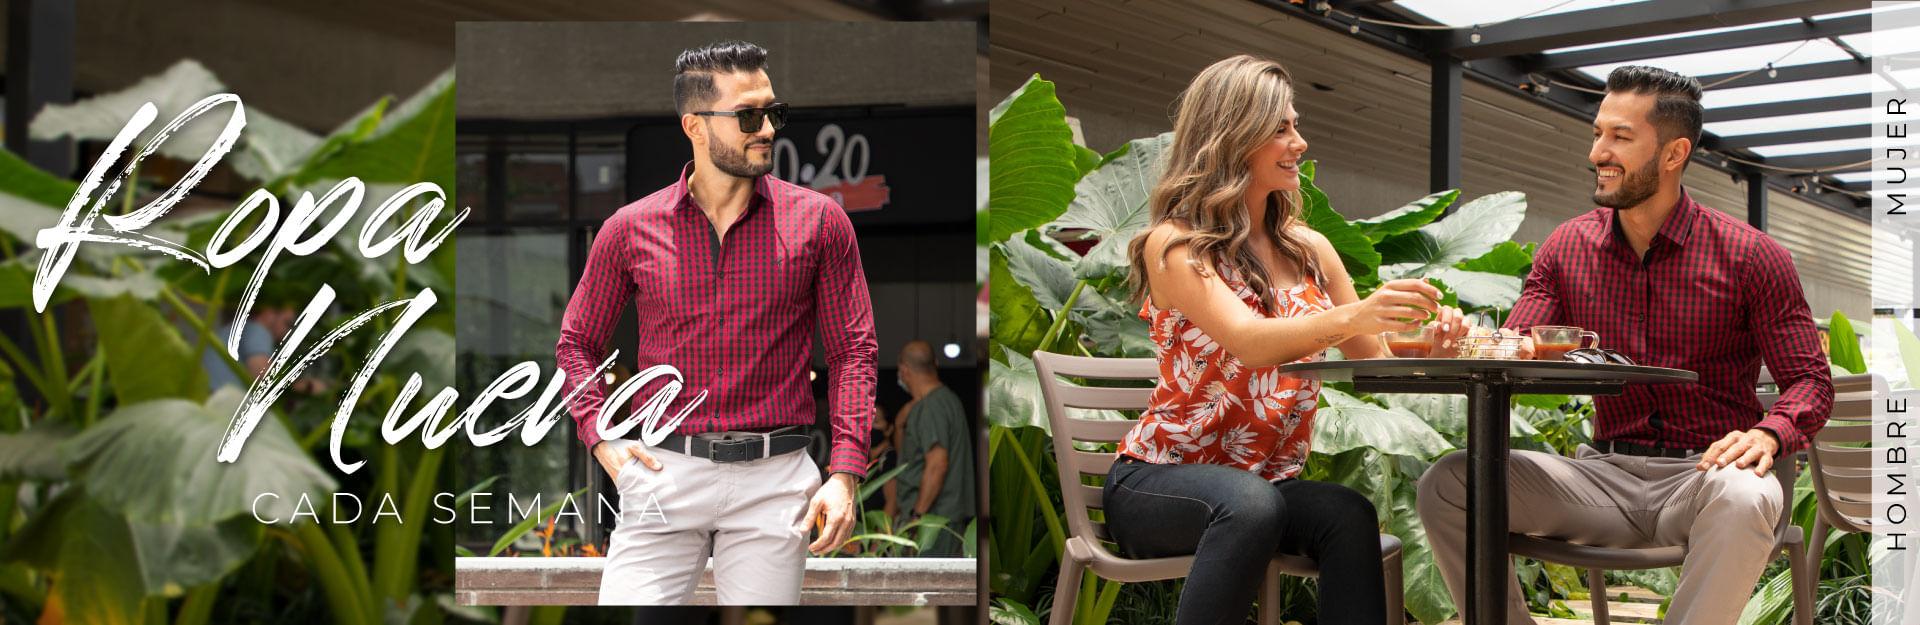 dmoda, las mejores prendas de vestir, despachos a toda colombia